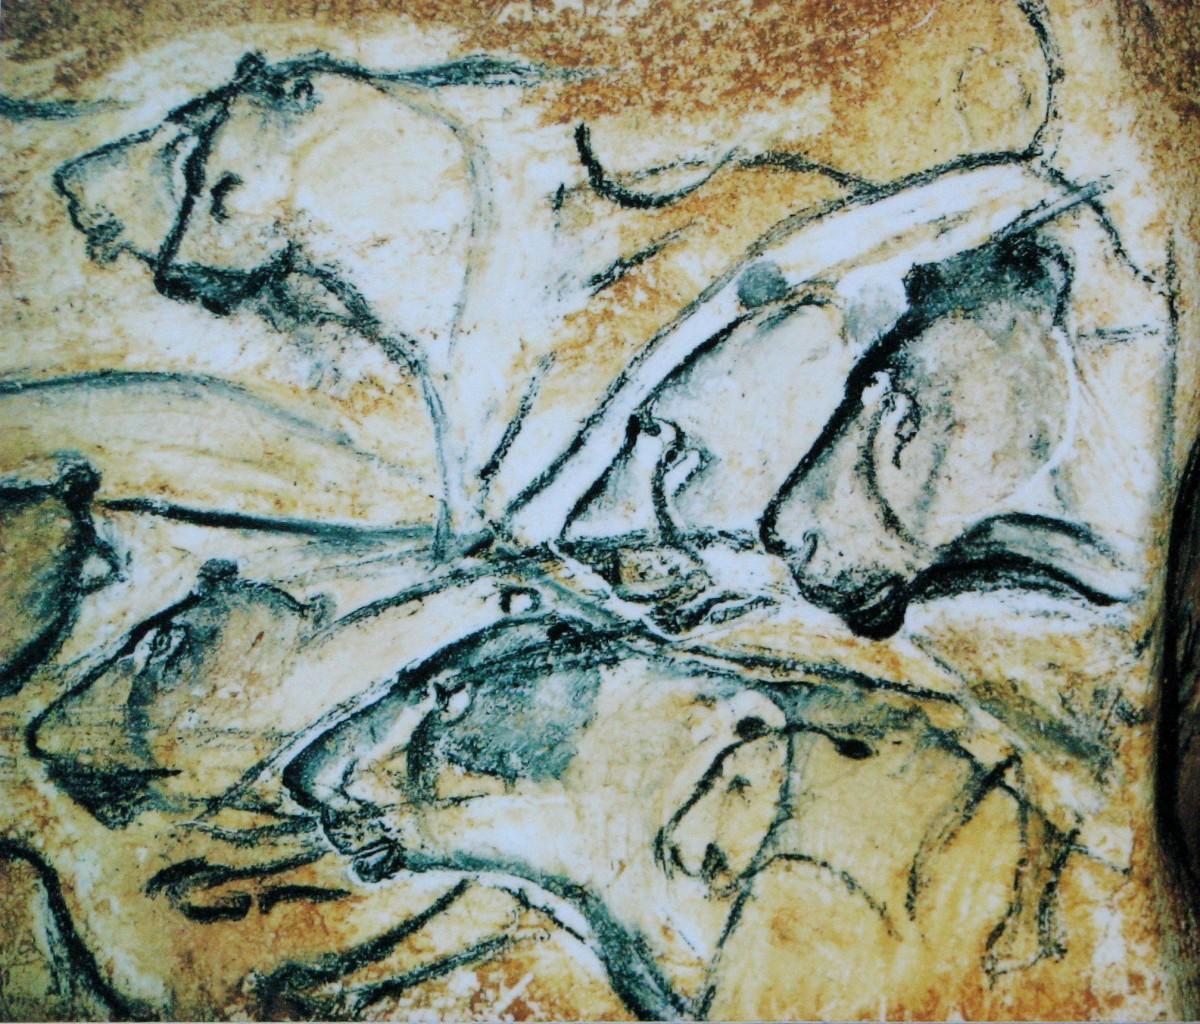 Lascaux cave painting.